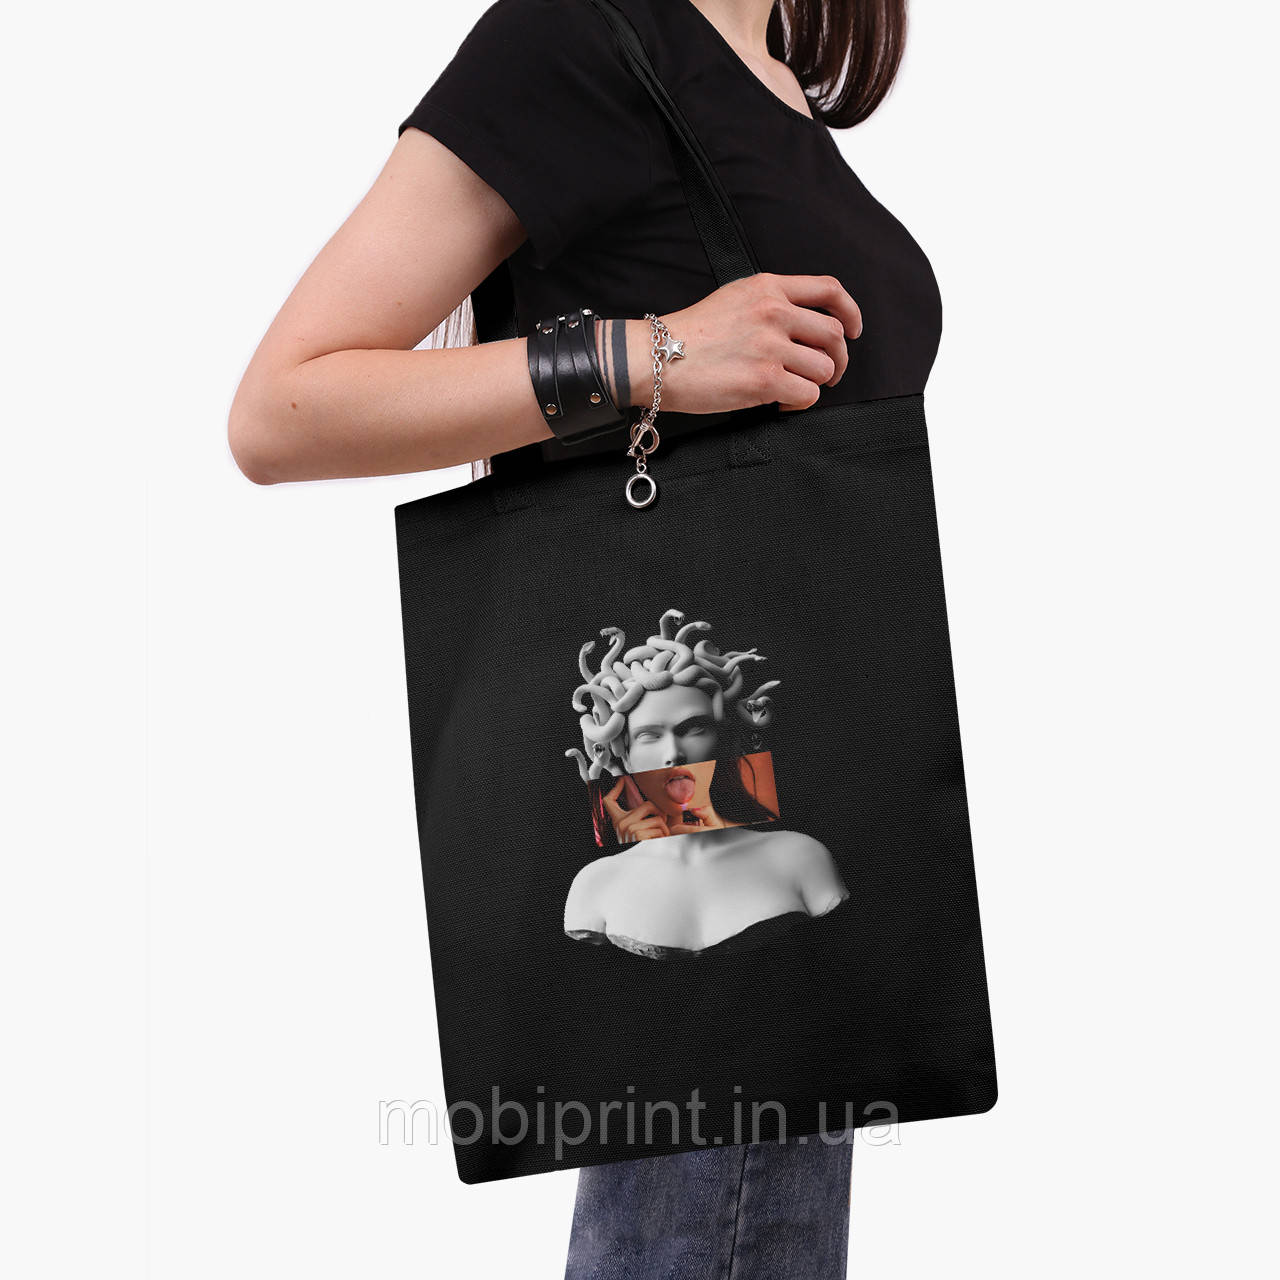 Еко сумка шоппер з принтом Меган Фокс - Ренесанс Медуза Горгона (Megan Fox) (9227-1203) Чорний